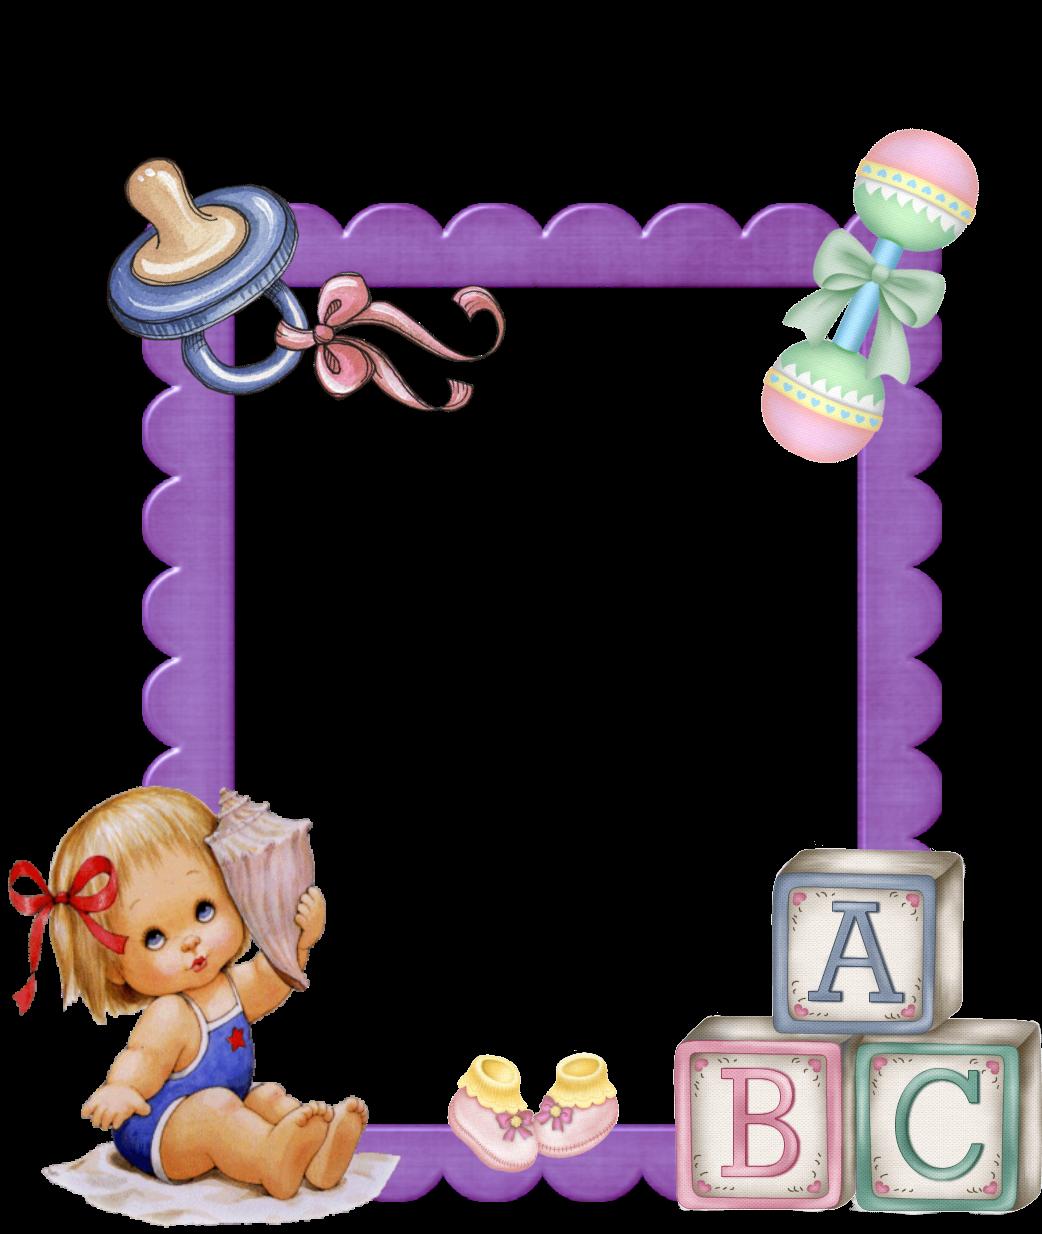 Recursos infantiles marcos para fotos bebe y pictures - Marcos para fotos infantiles ...